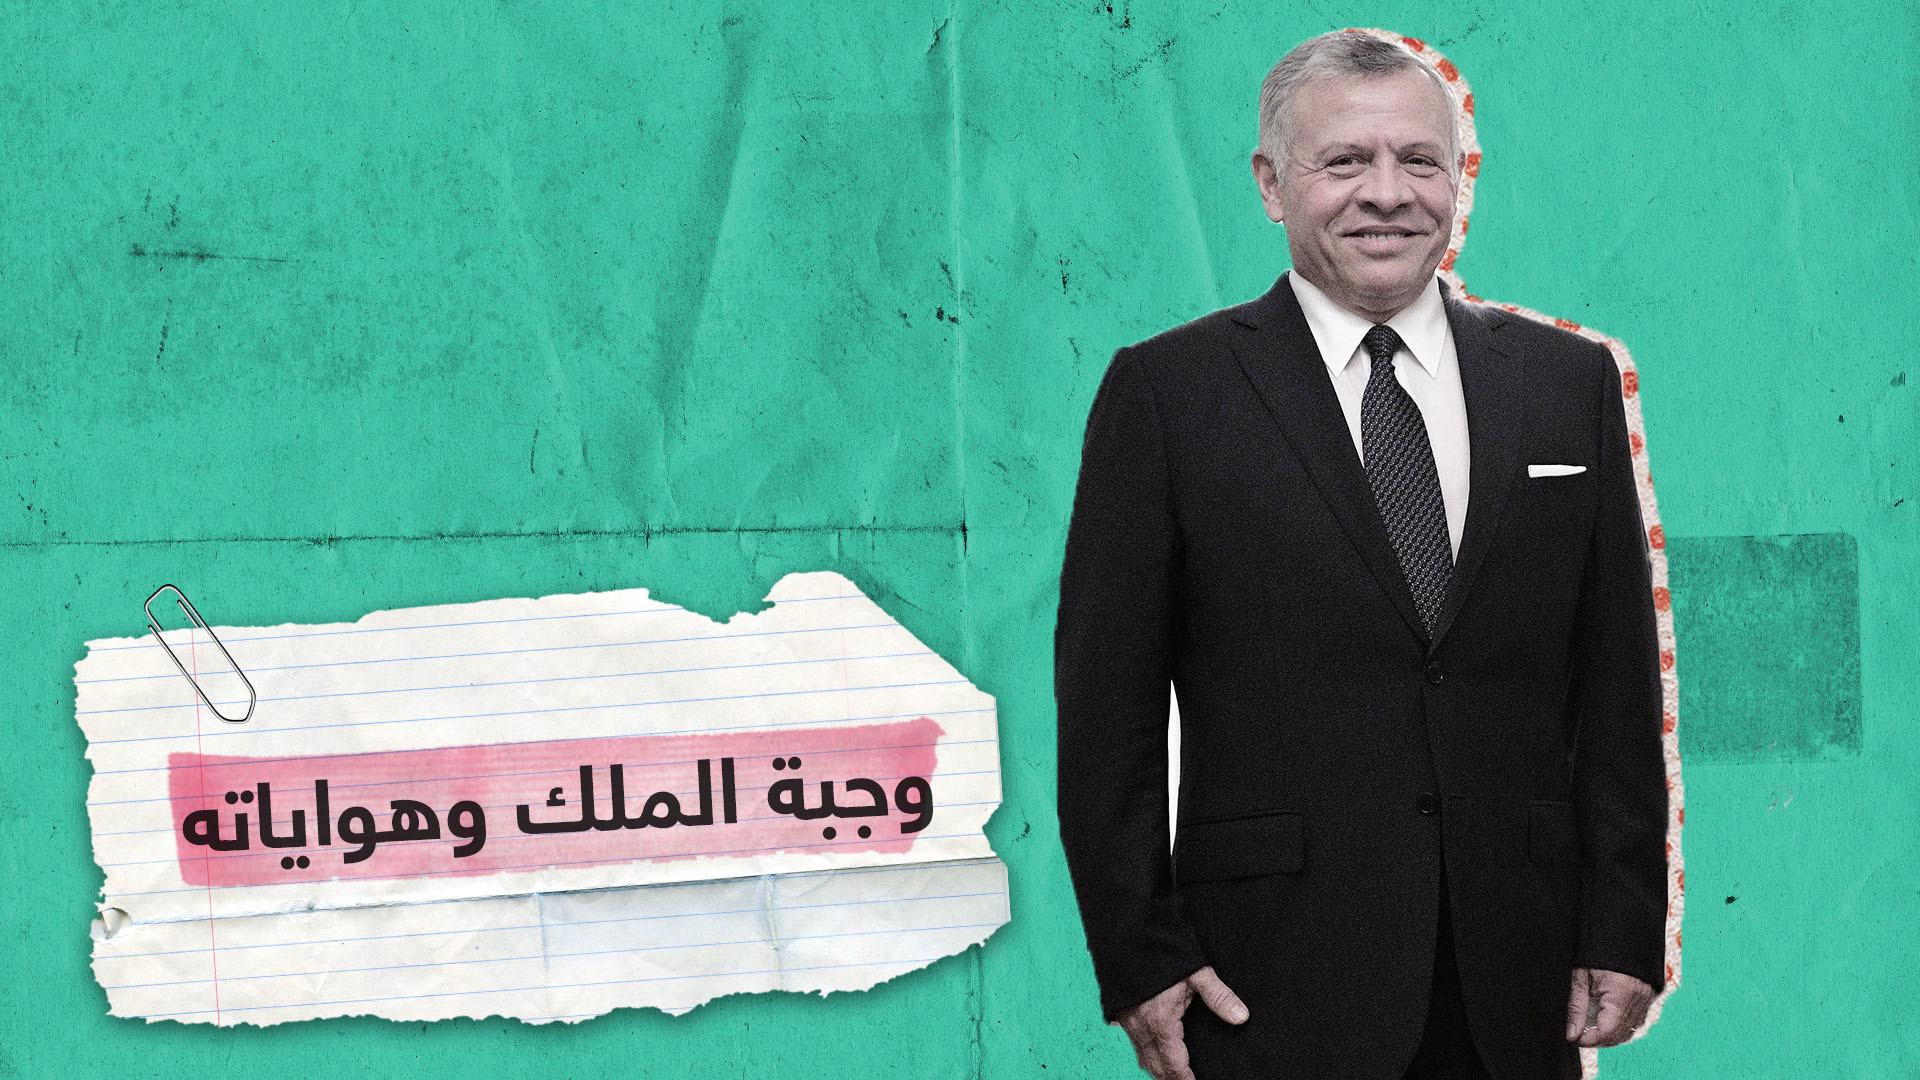 الملك الأردني يكشف عن وجبته وهواياته المفضلة